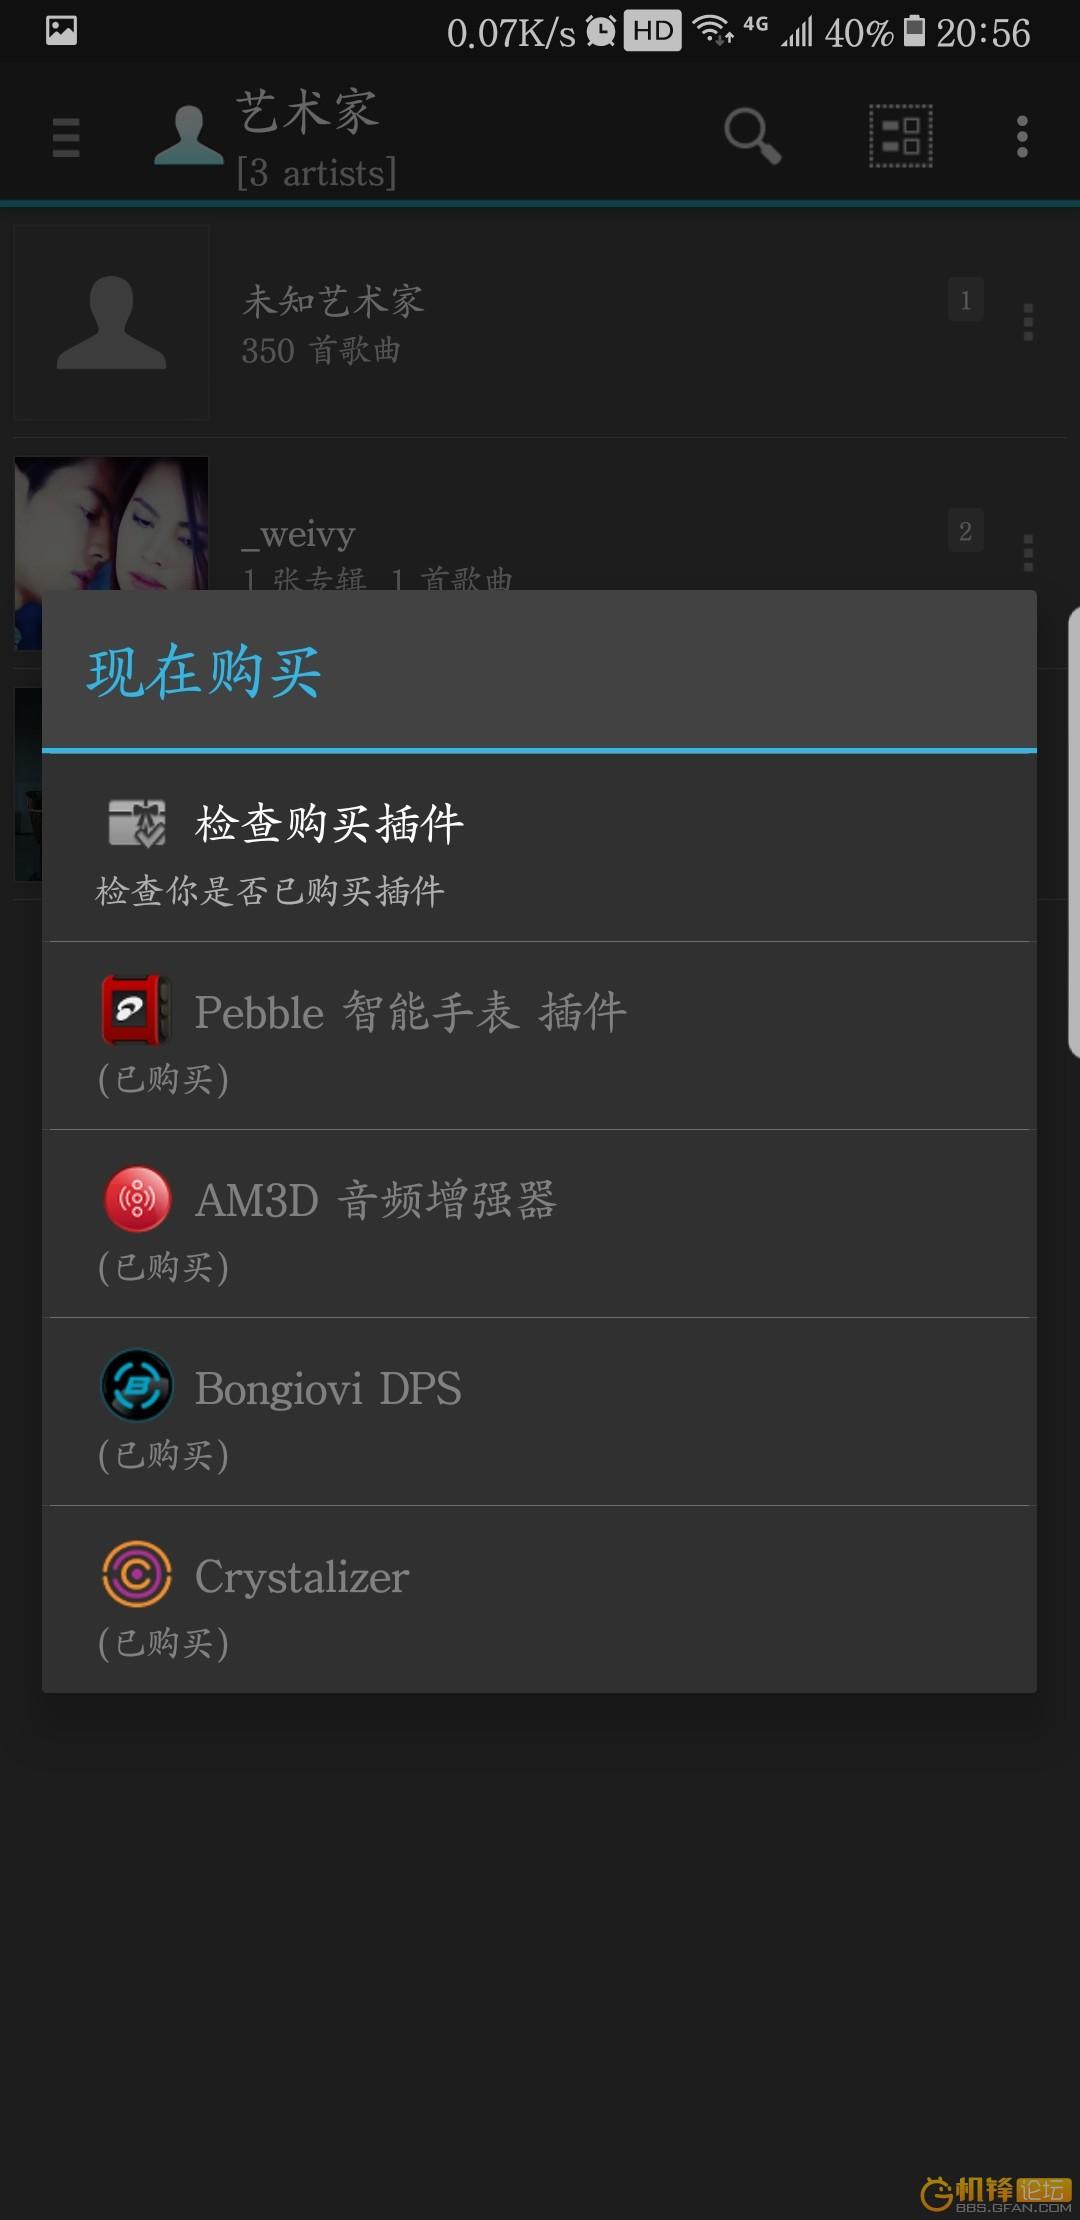 Screenshot_20180211-205621.jpg